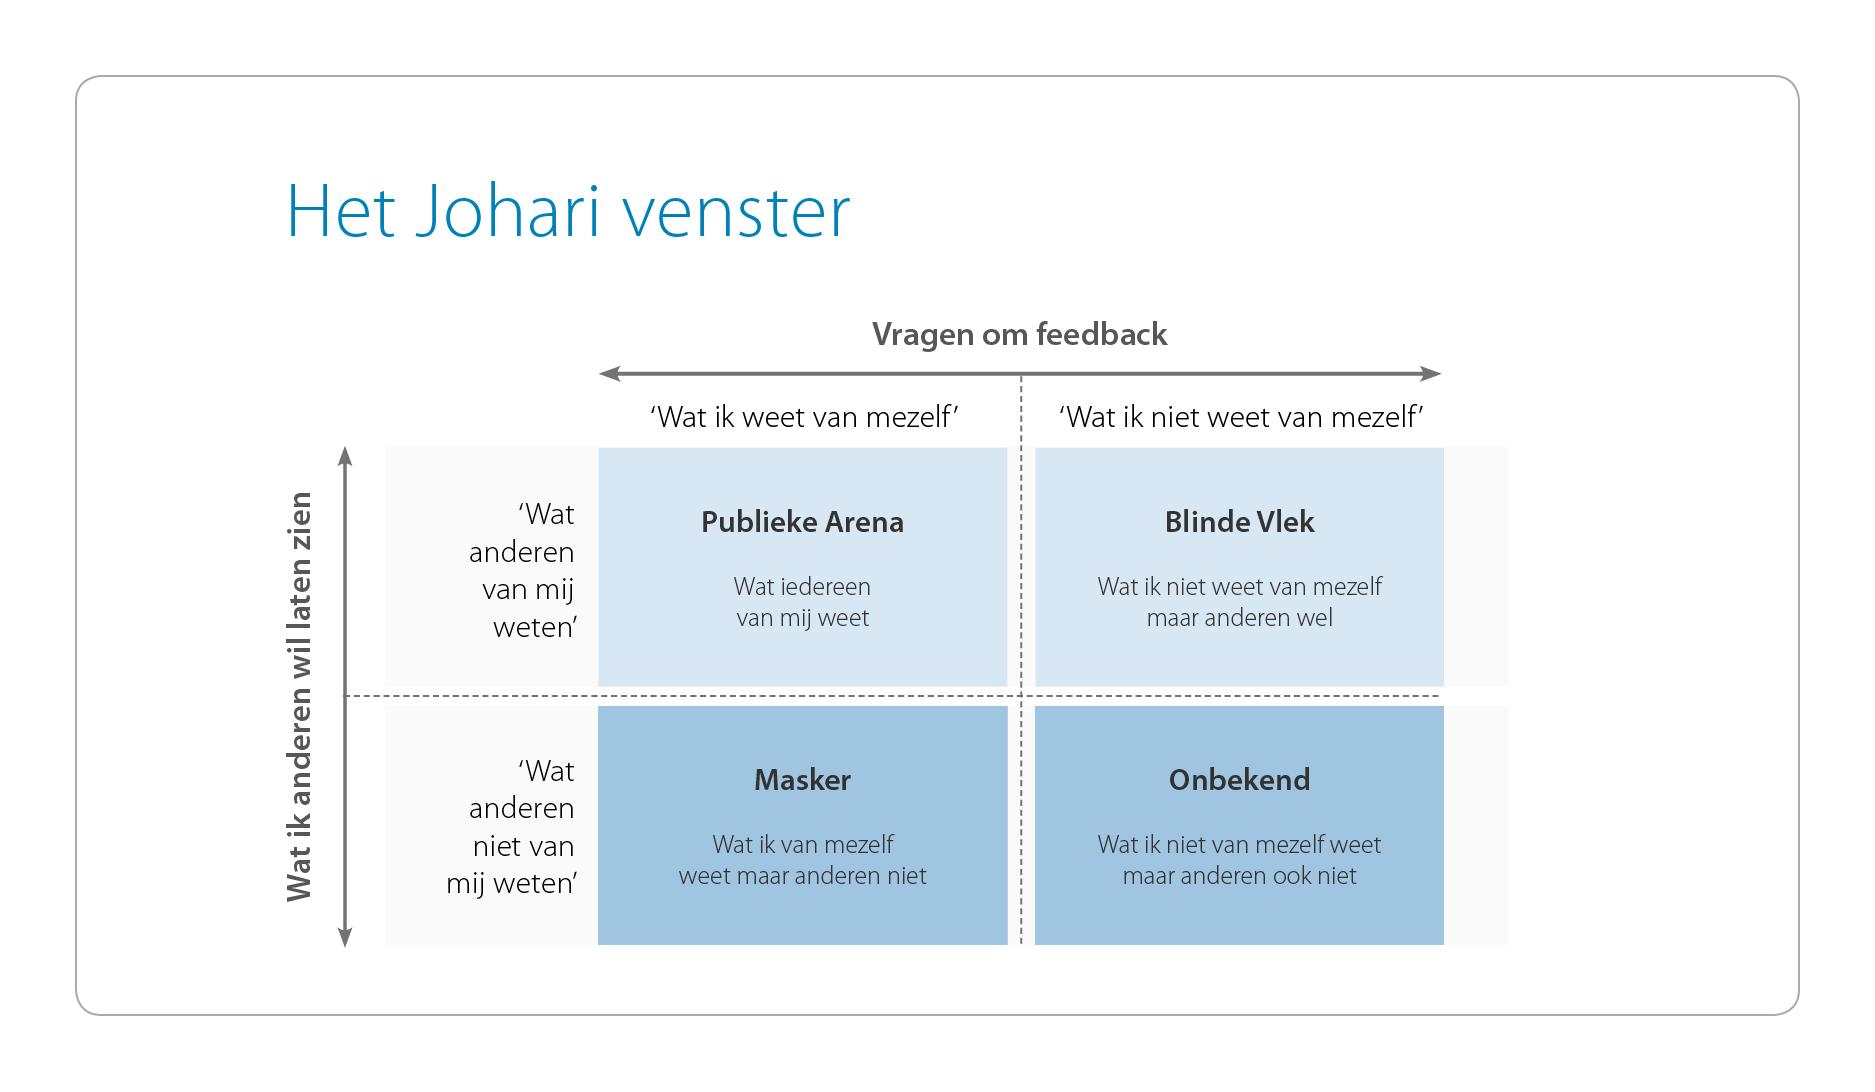 Feedback_Johari-venster